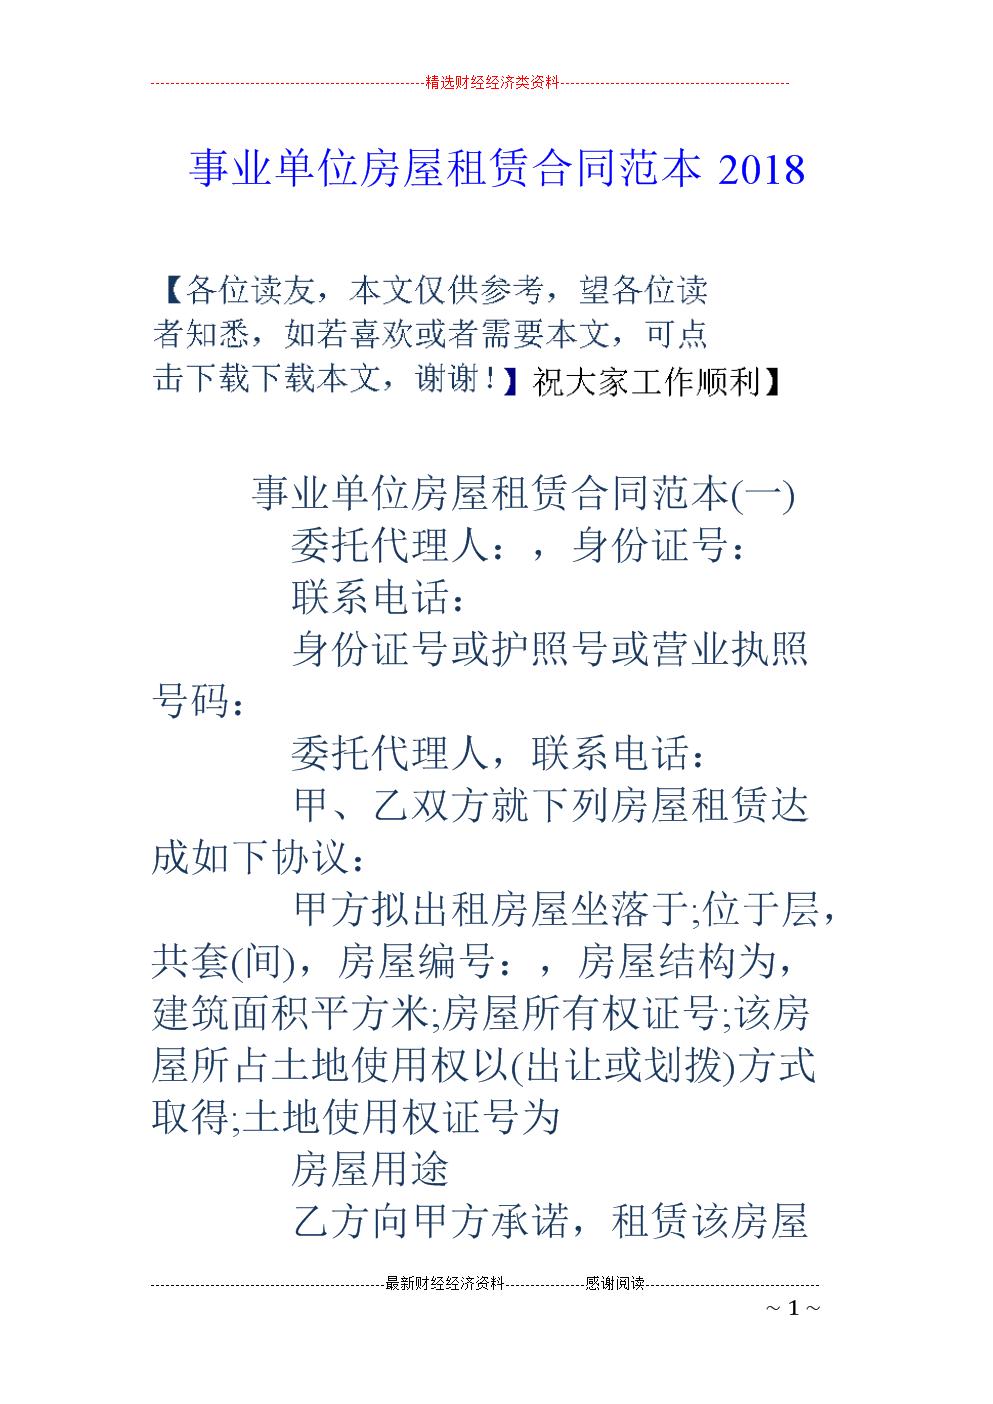 事业单位房屋租赁合同范本18.doc